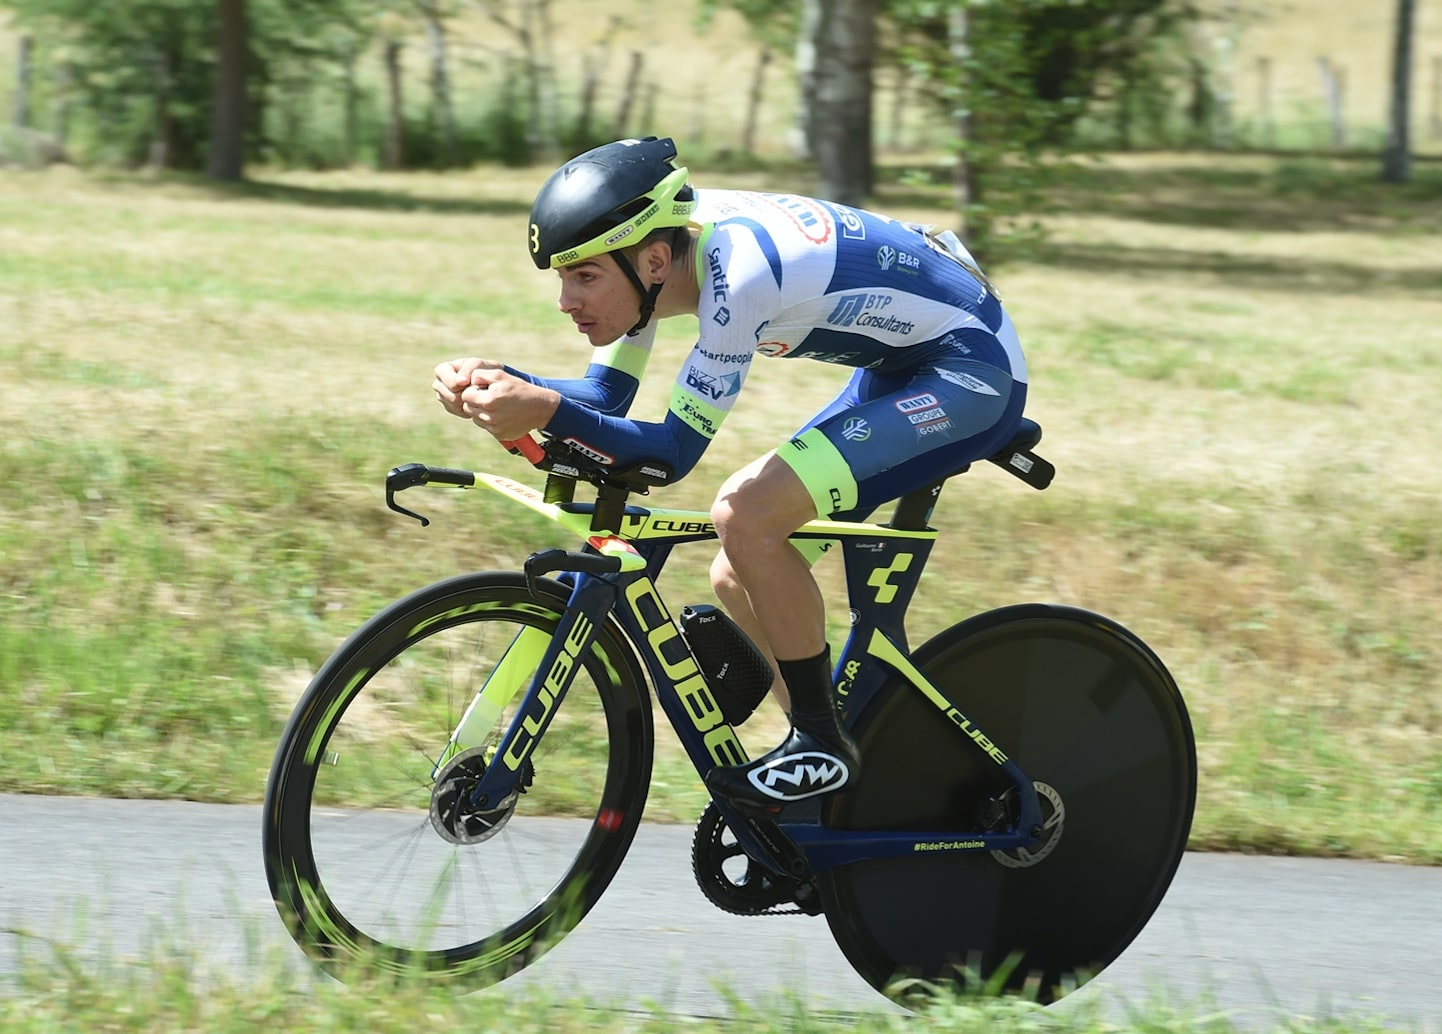 Critérium du Dauphiné - Guillaume Martin est 'loin au général'